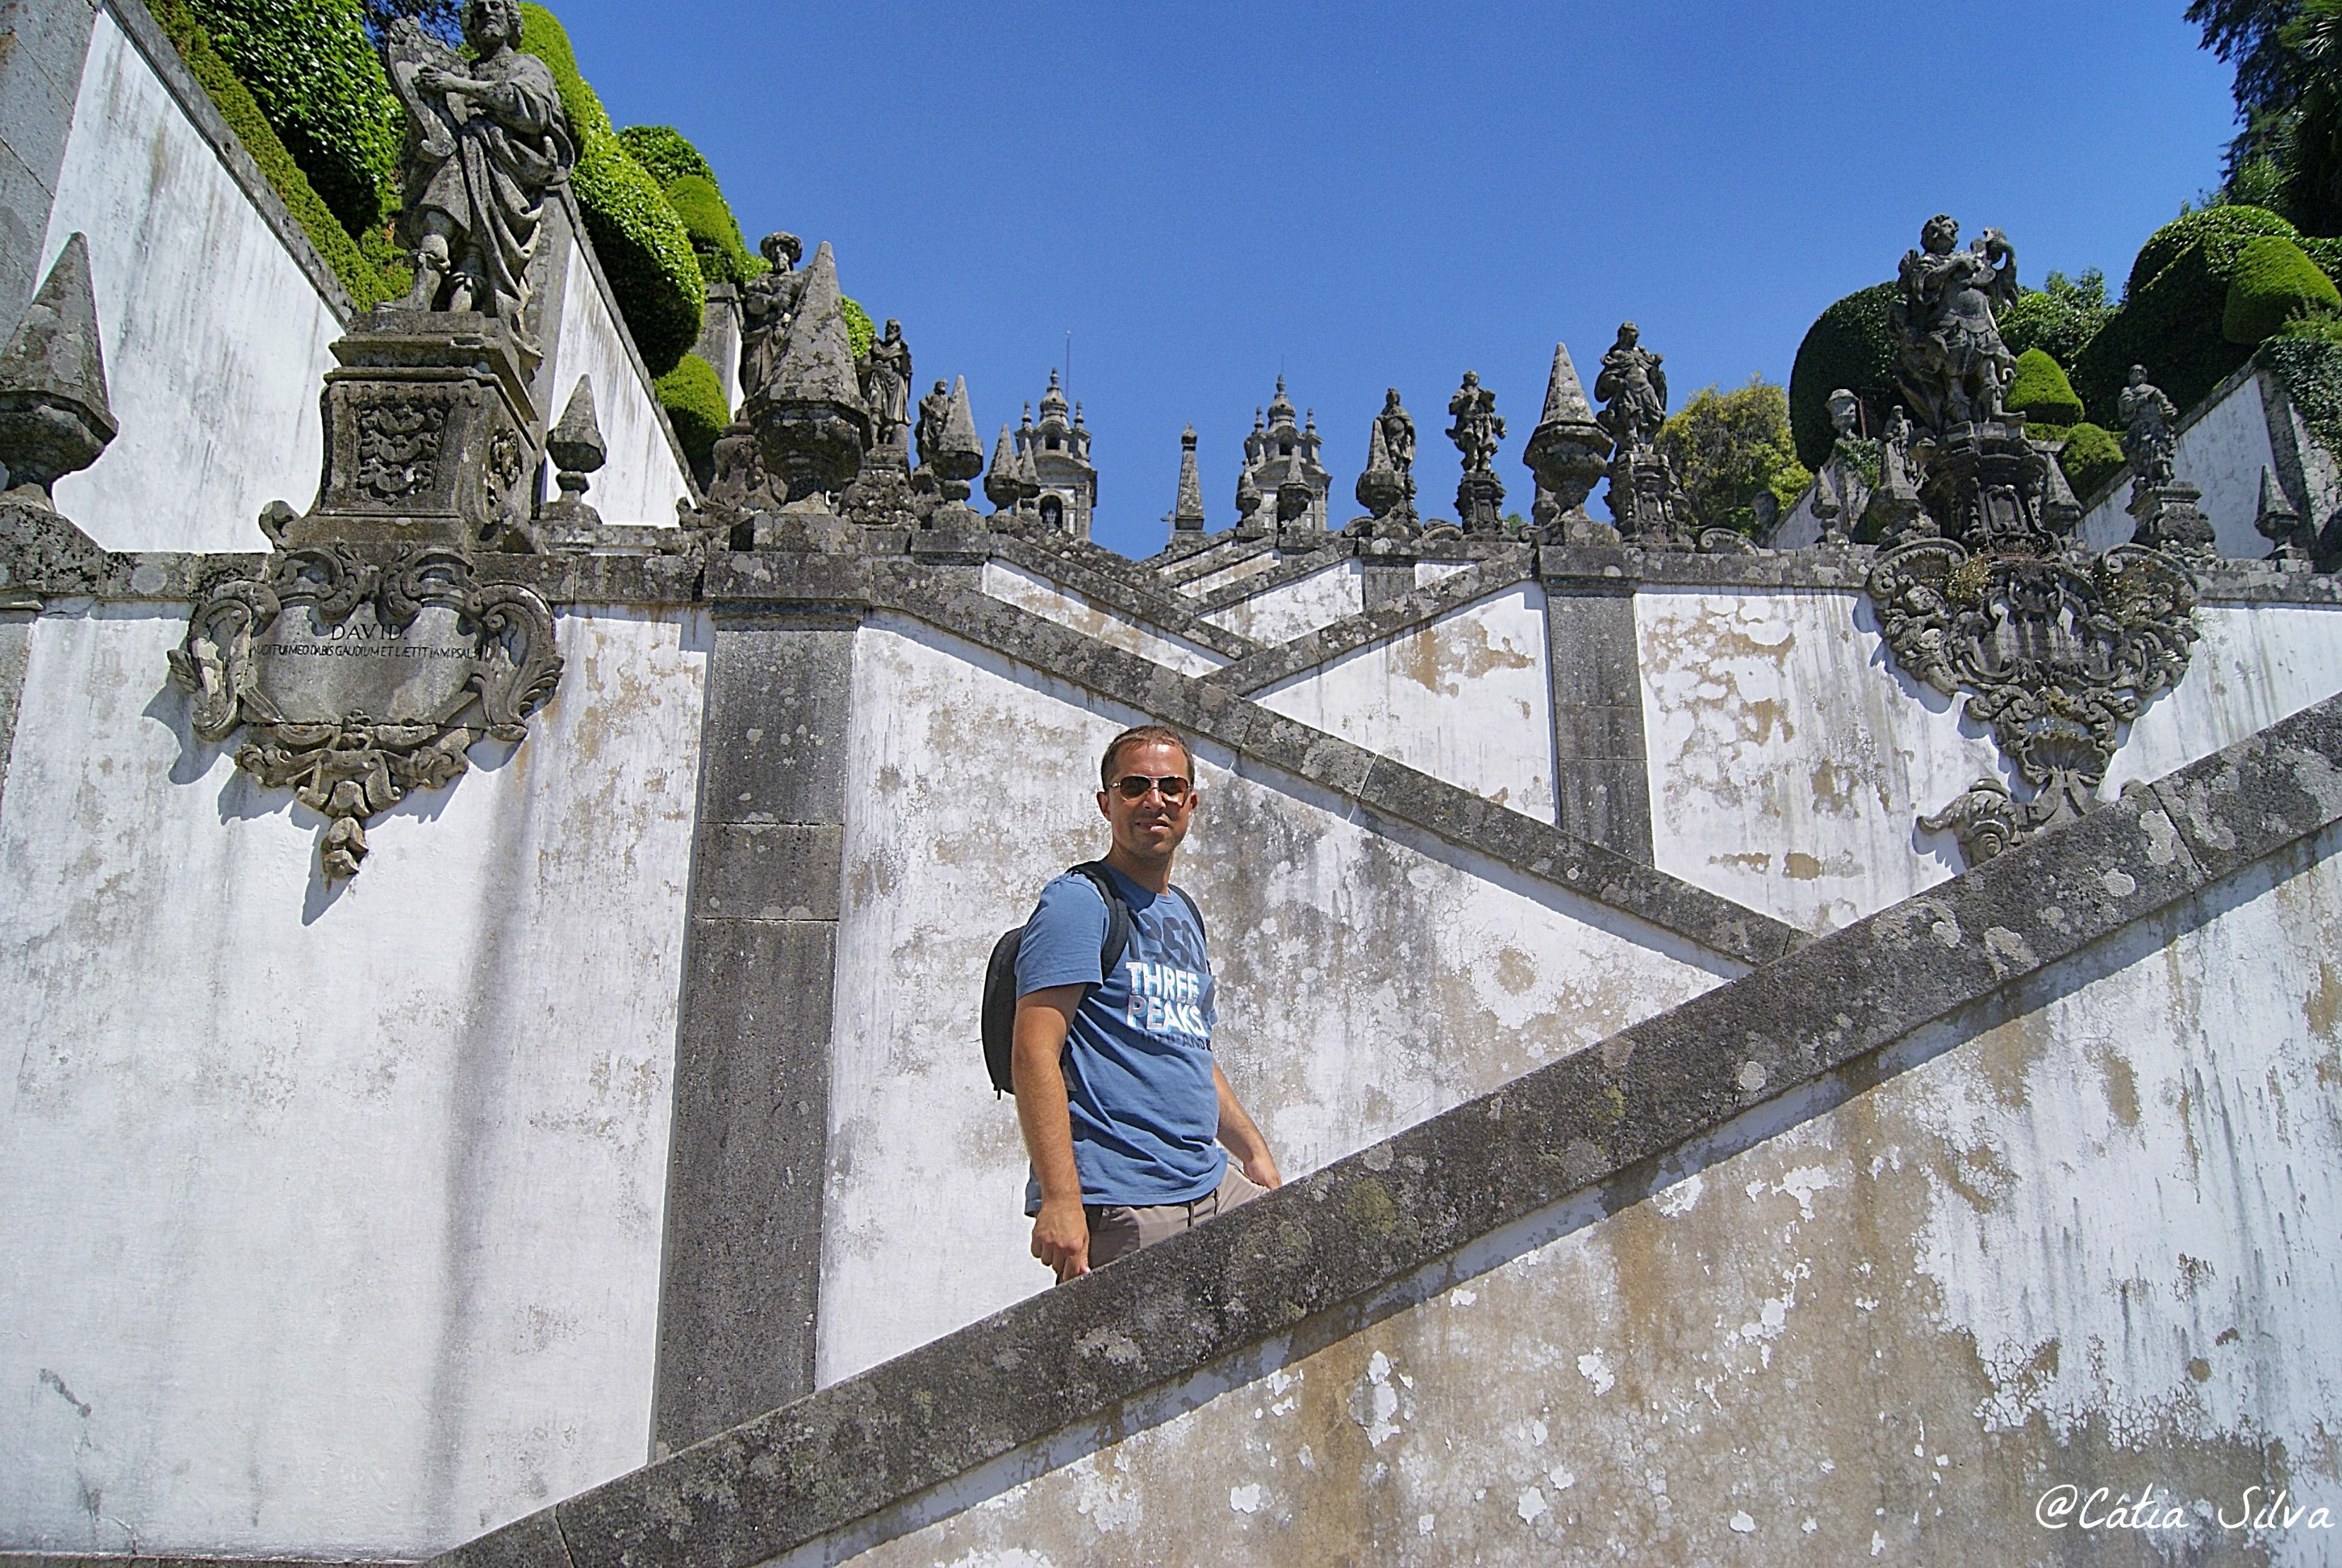 Santuário do Bom Jesus do Monte - Braga - Portugal (14)